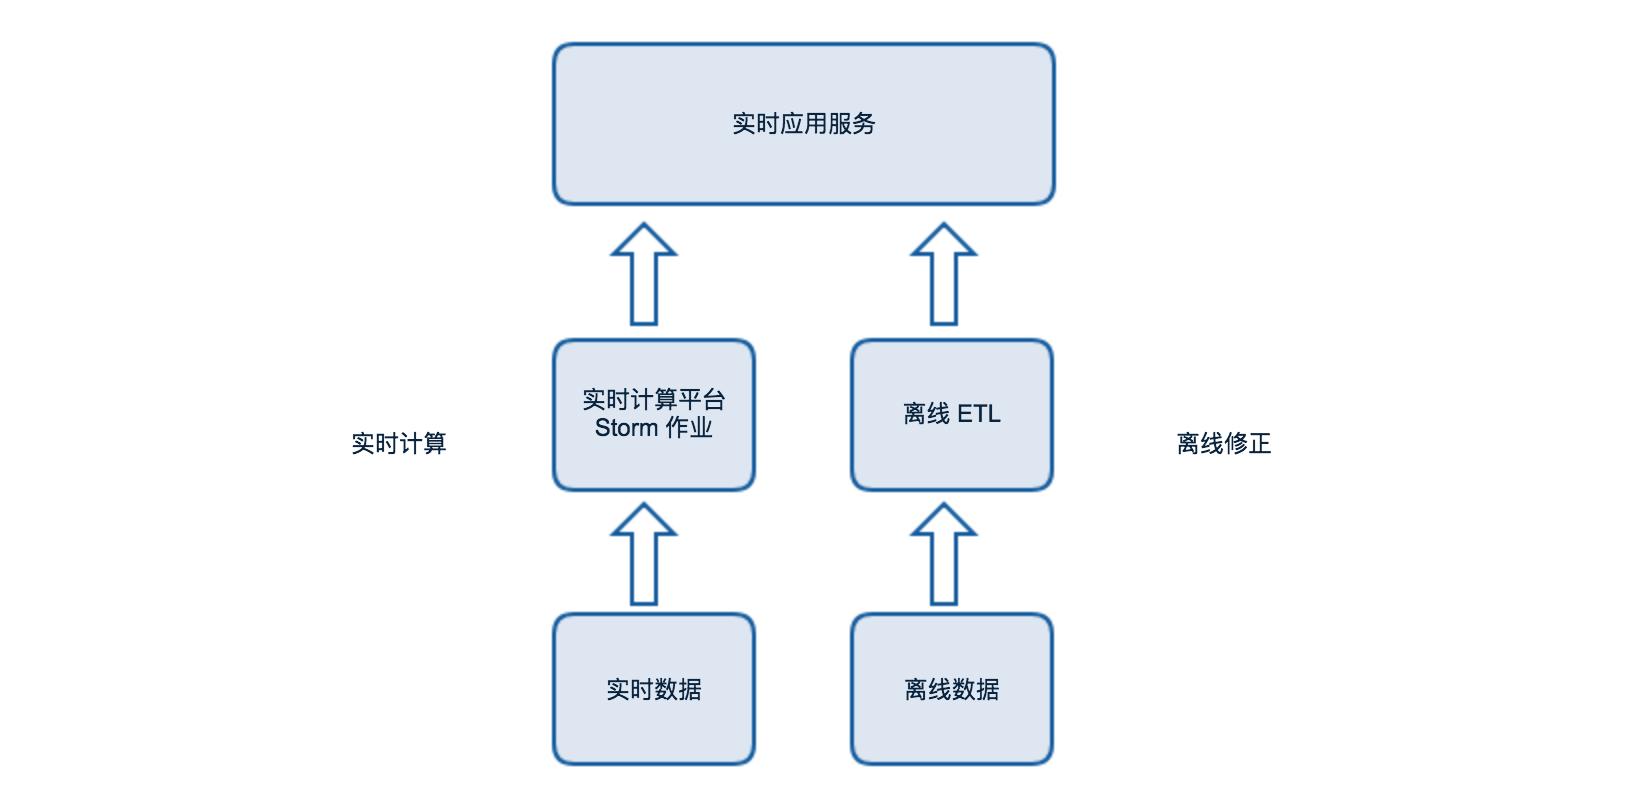 图1 初期实时数据架构